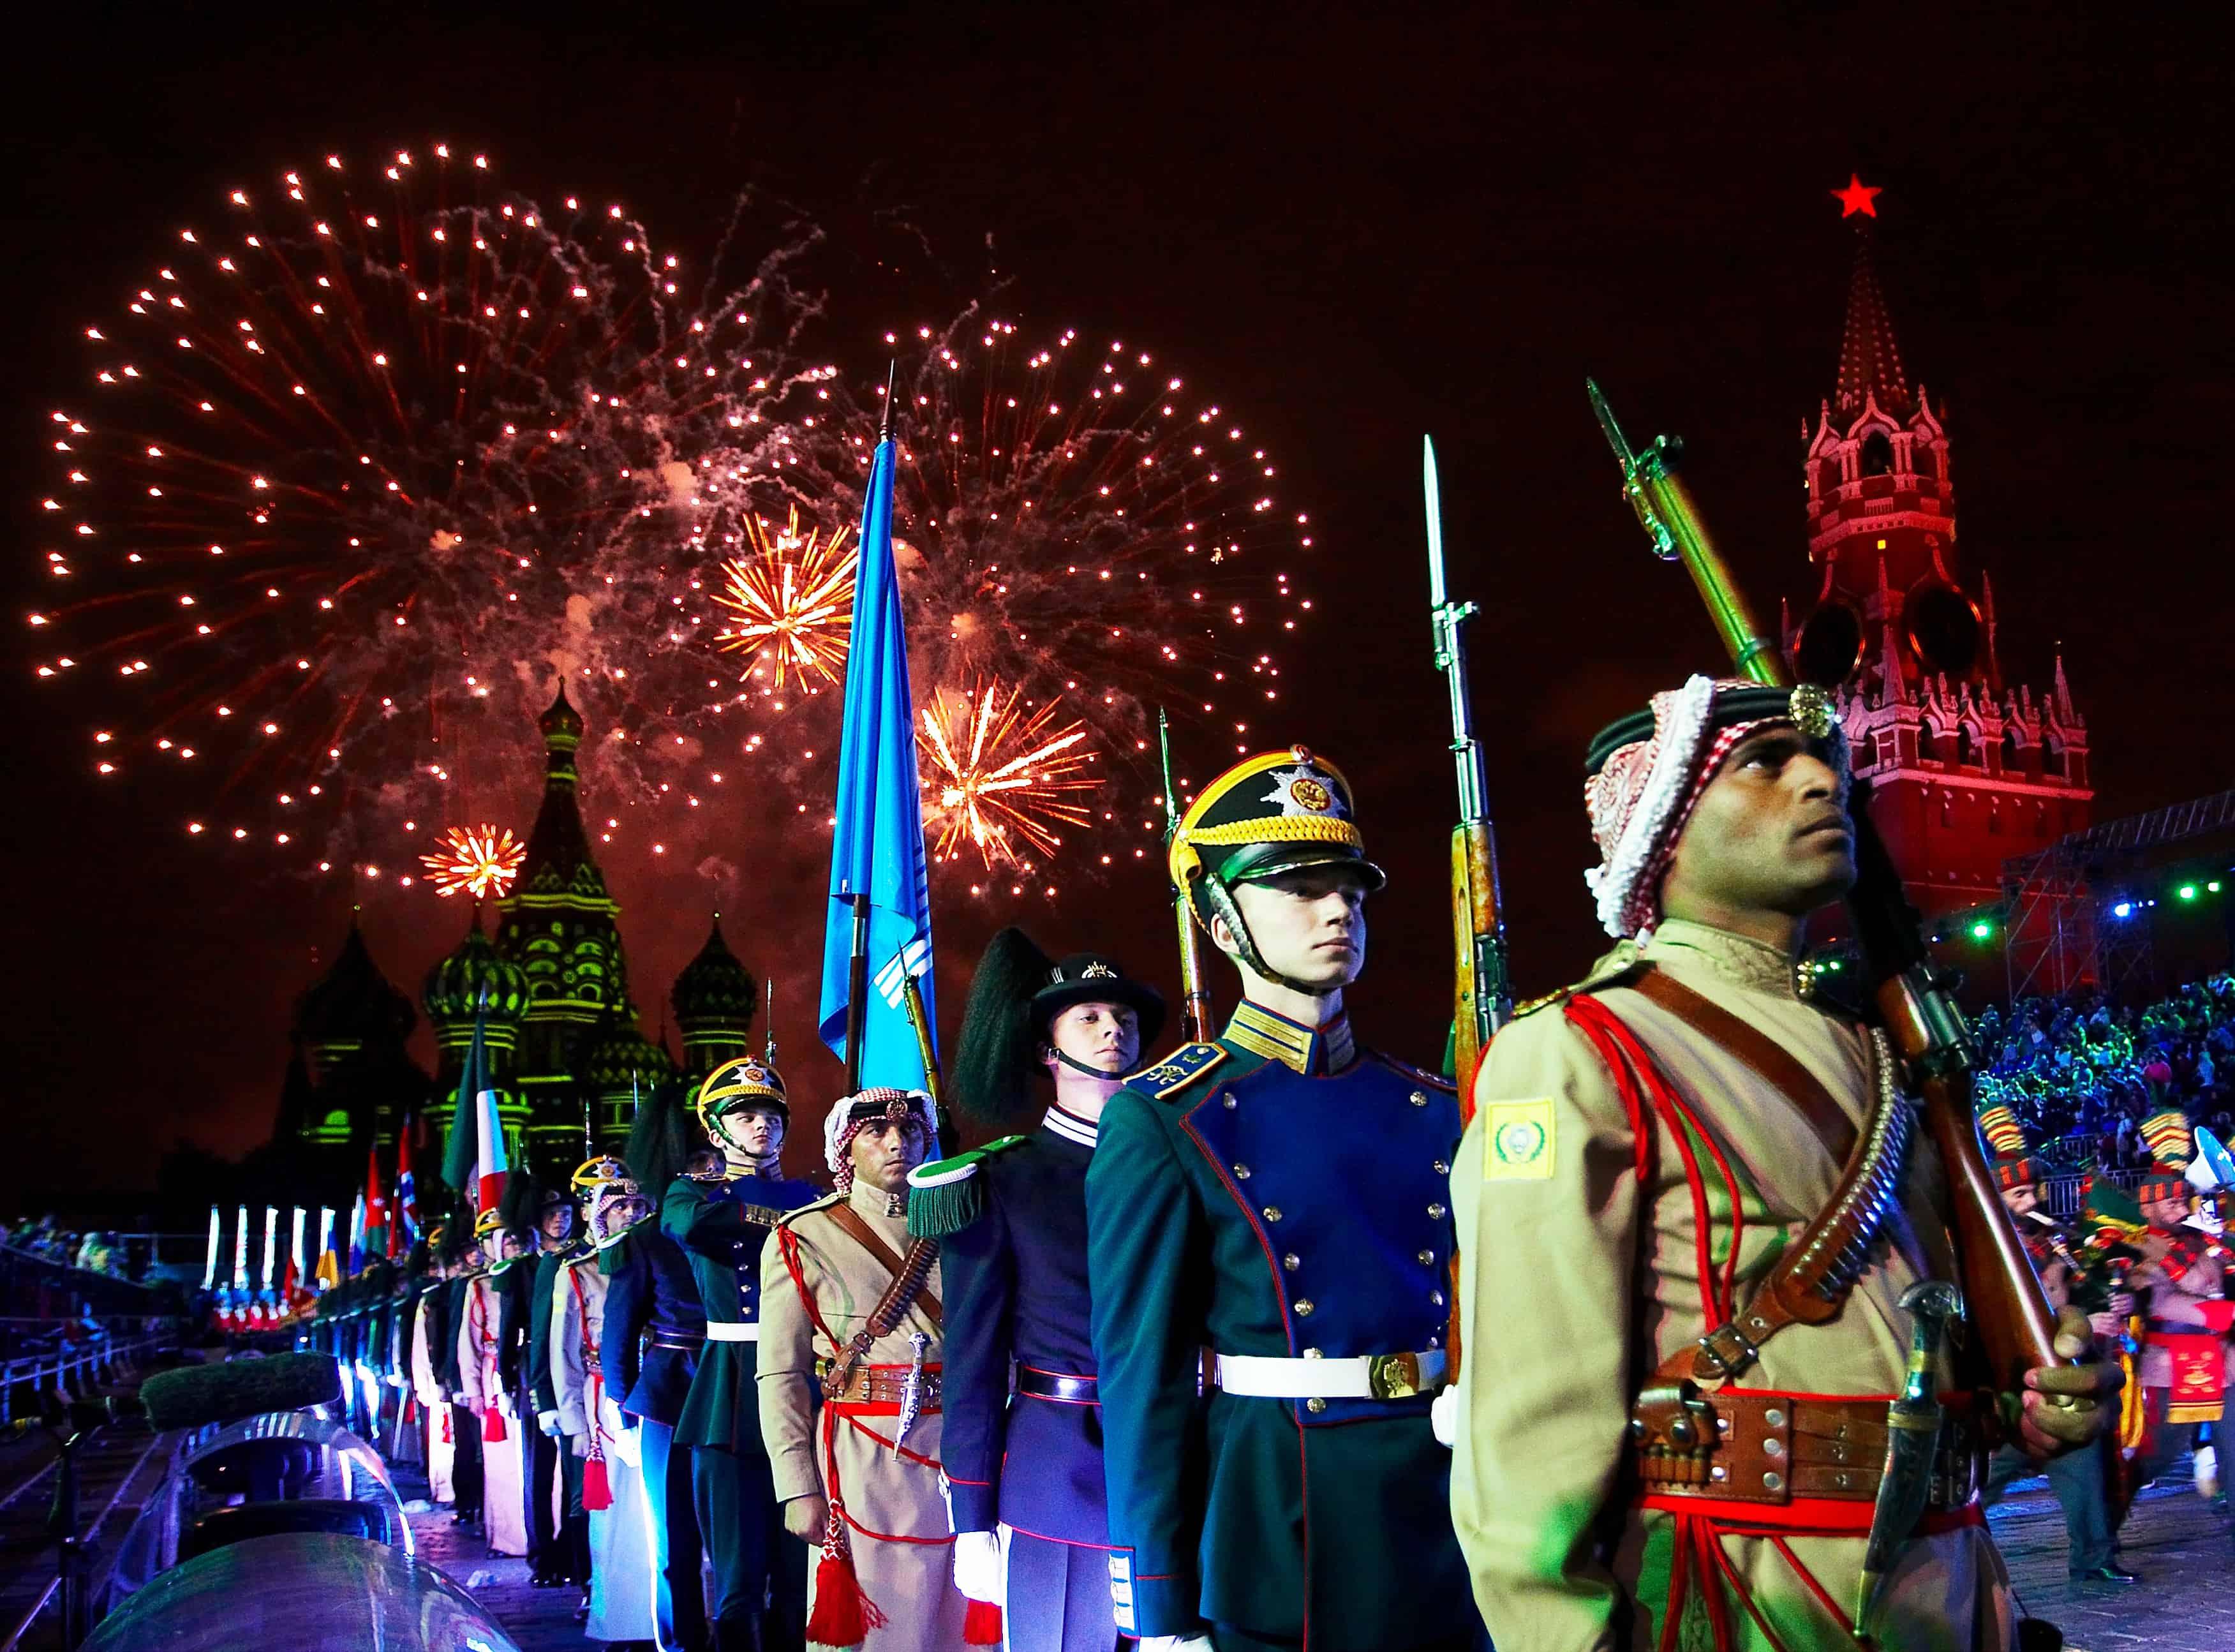 В Москве выступят оркестры разных стран В Москве выступят оркестры разных стран 2 31